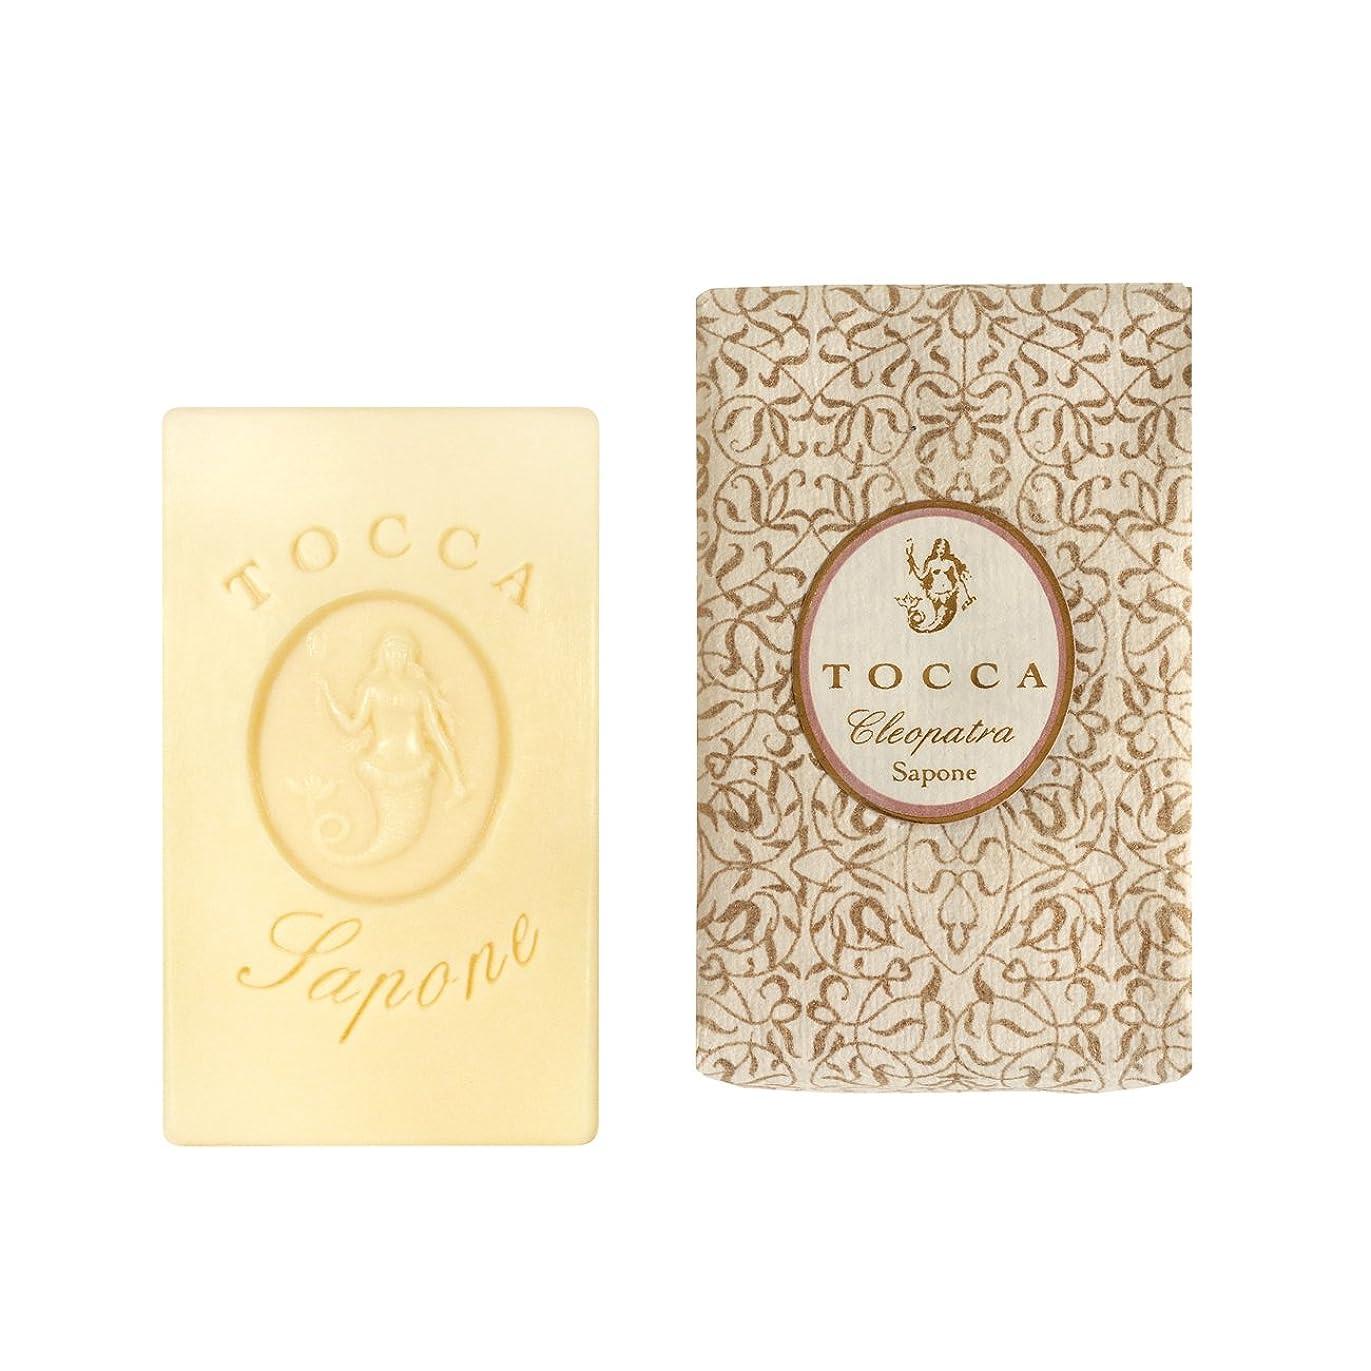 熱狂的な宣言鉄道駅トッカ(TOCCA) ソープバー クレオパトラの香り 113g(石けん 化粧石けん グレープフルーツとキューカンバーのフレッシュでクリーンな香り)